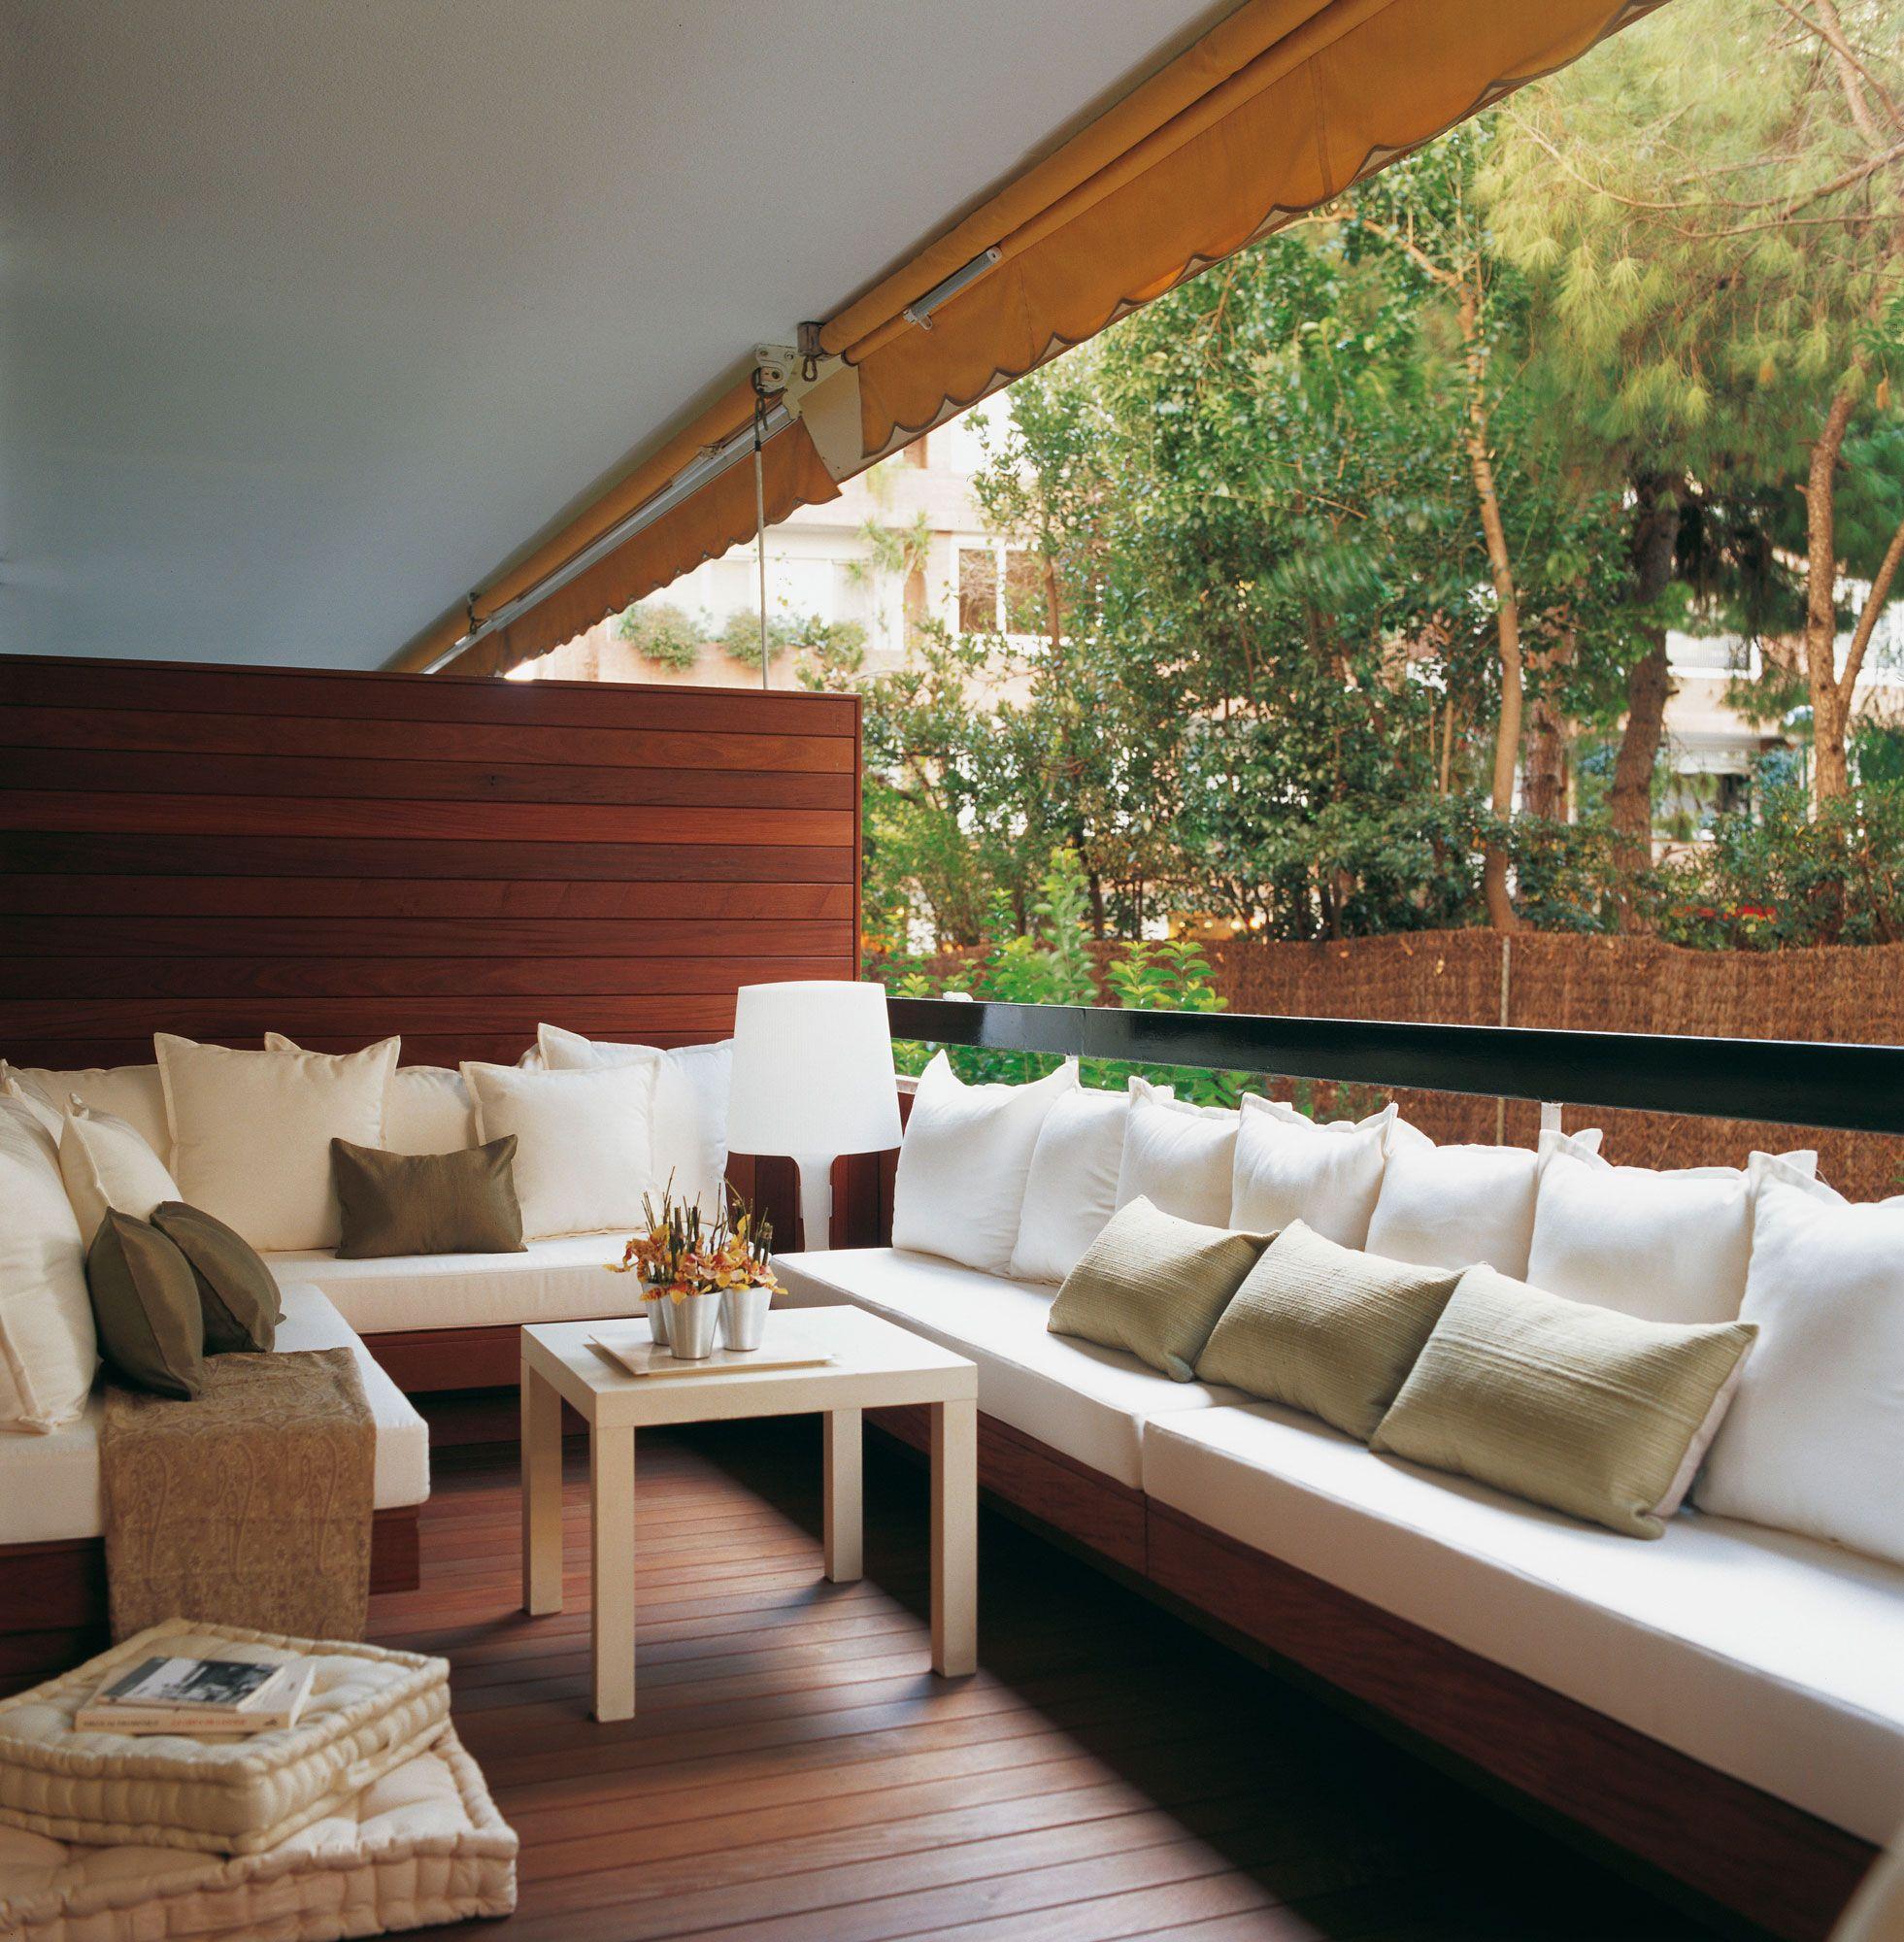 Terraza urbana con pavimento de madera y sof s blancos for Terrazas con sofas